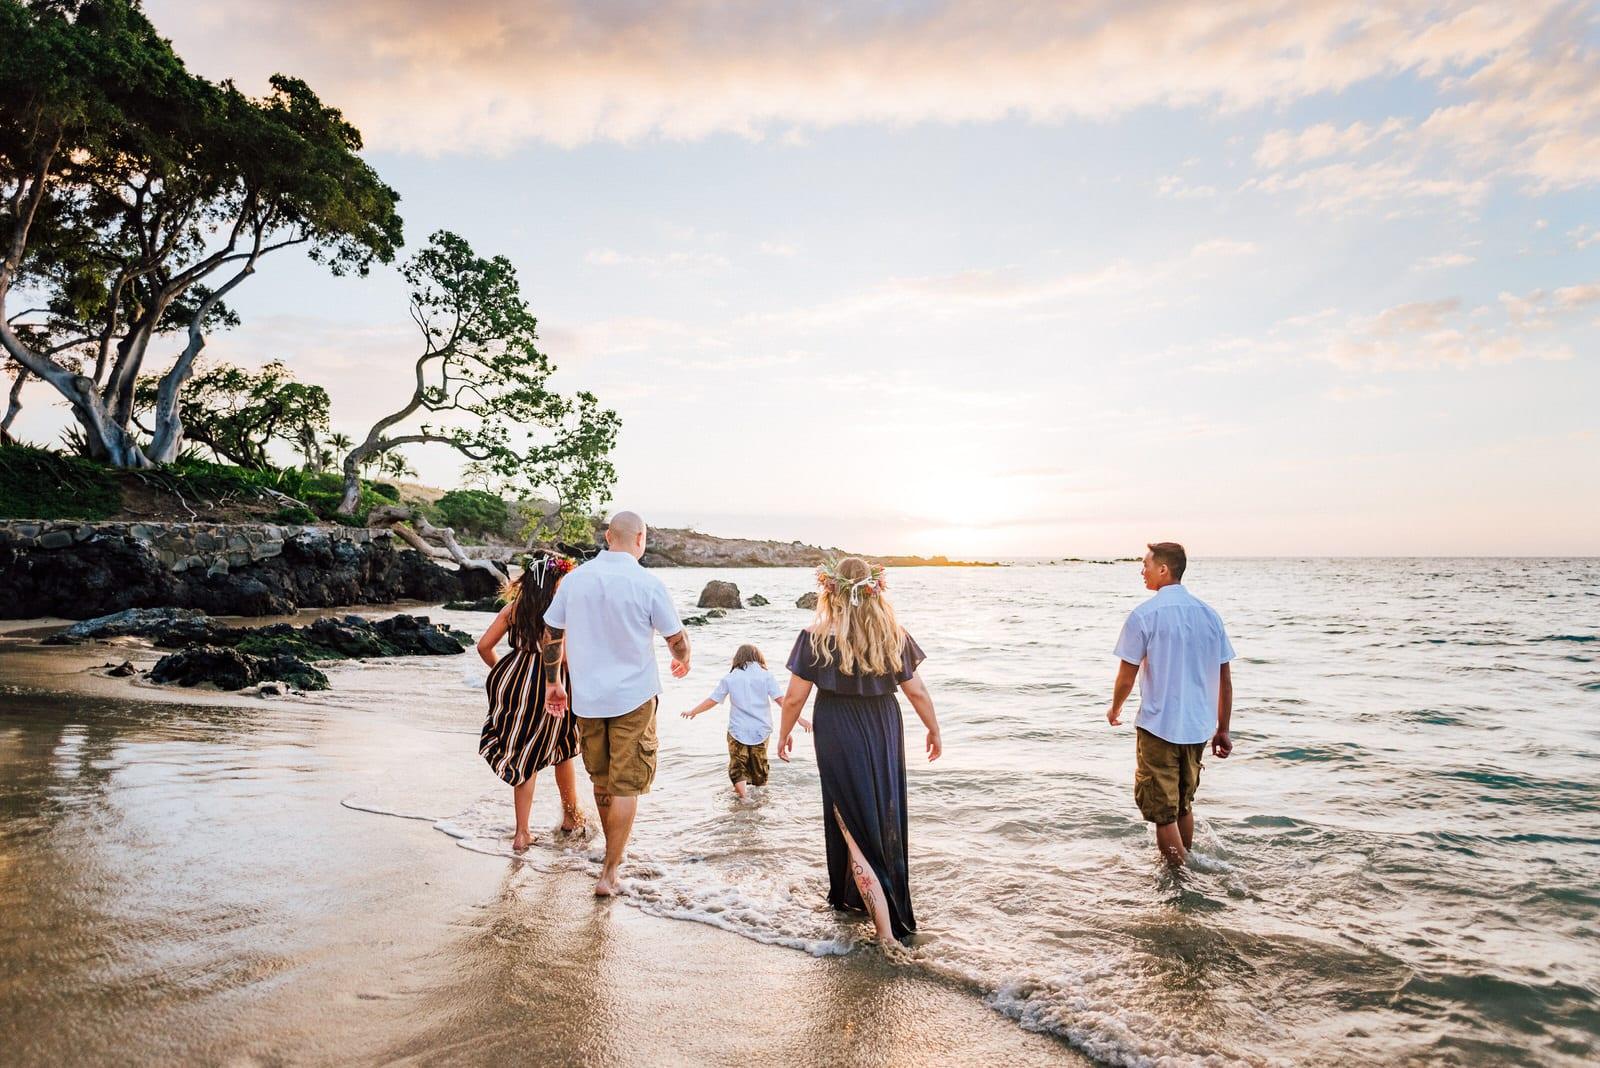 beach-family-photos-hawaii-flower-crown-27.jpg